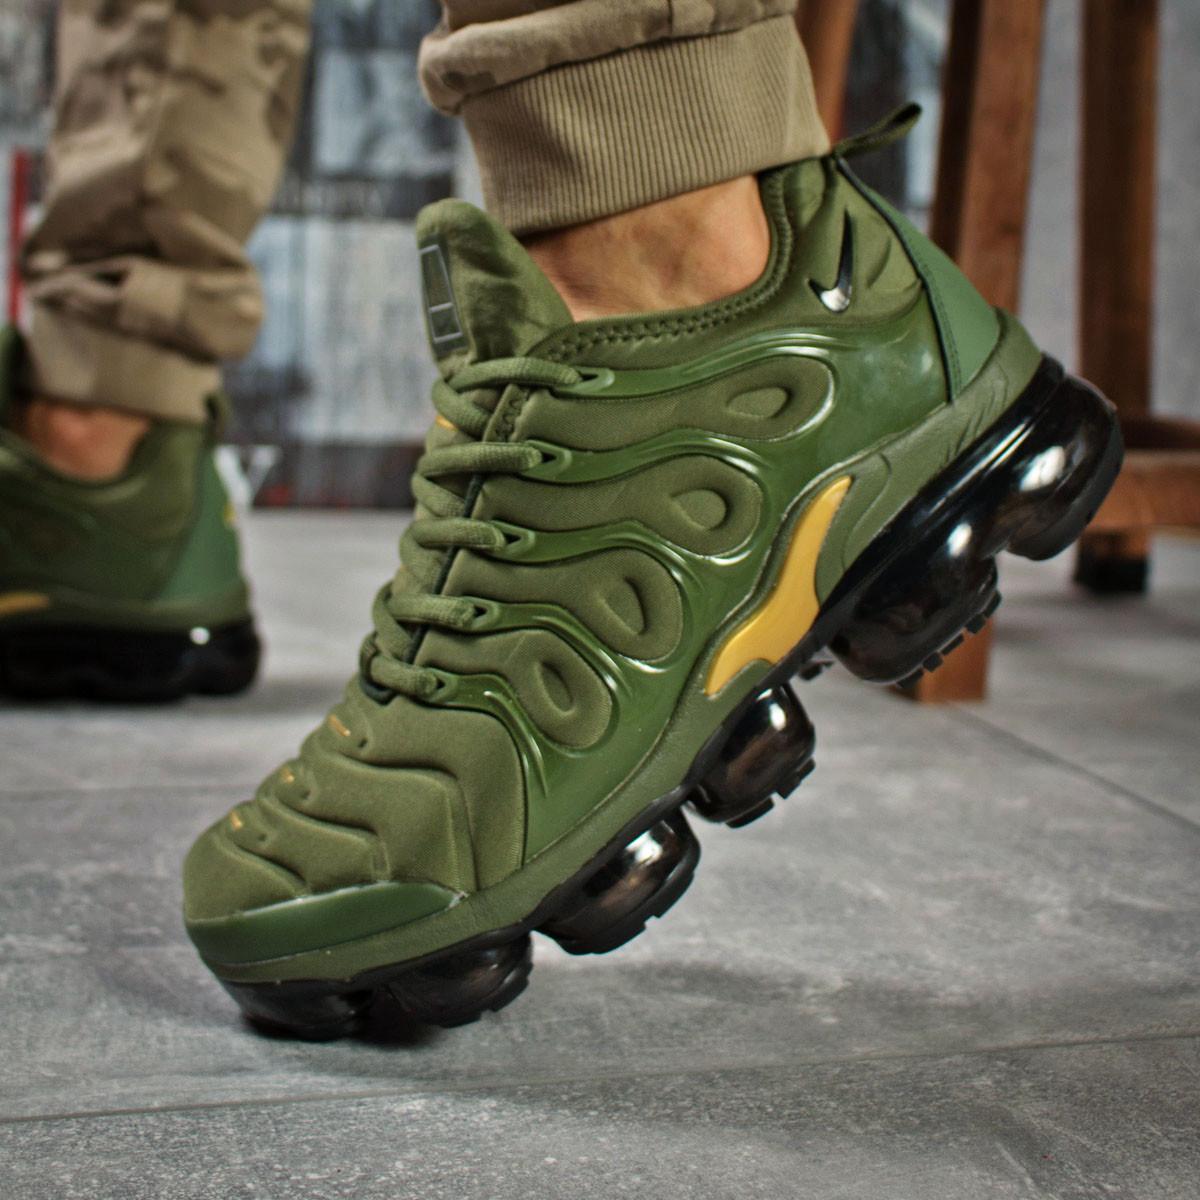 c07aa06b Мужские кроссовки Nike Tn Air, хаки весна-лето (реплика): продажа ...